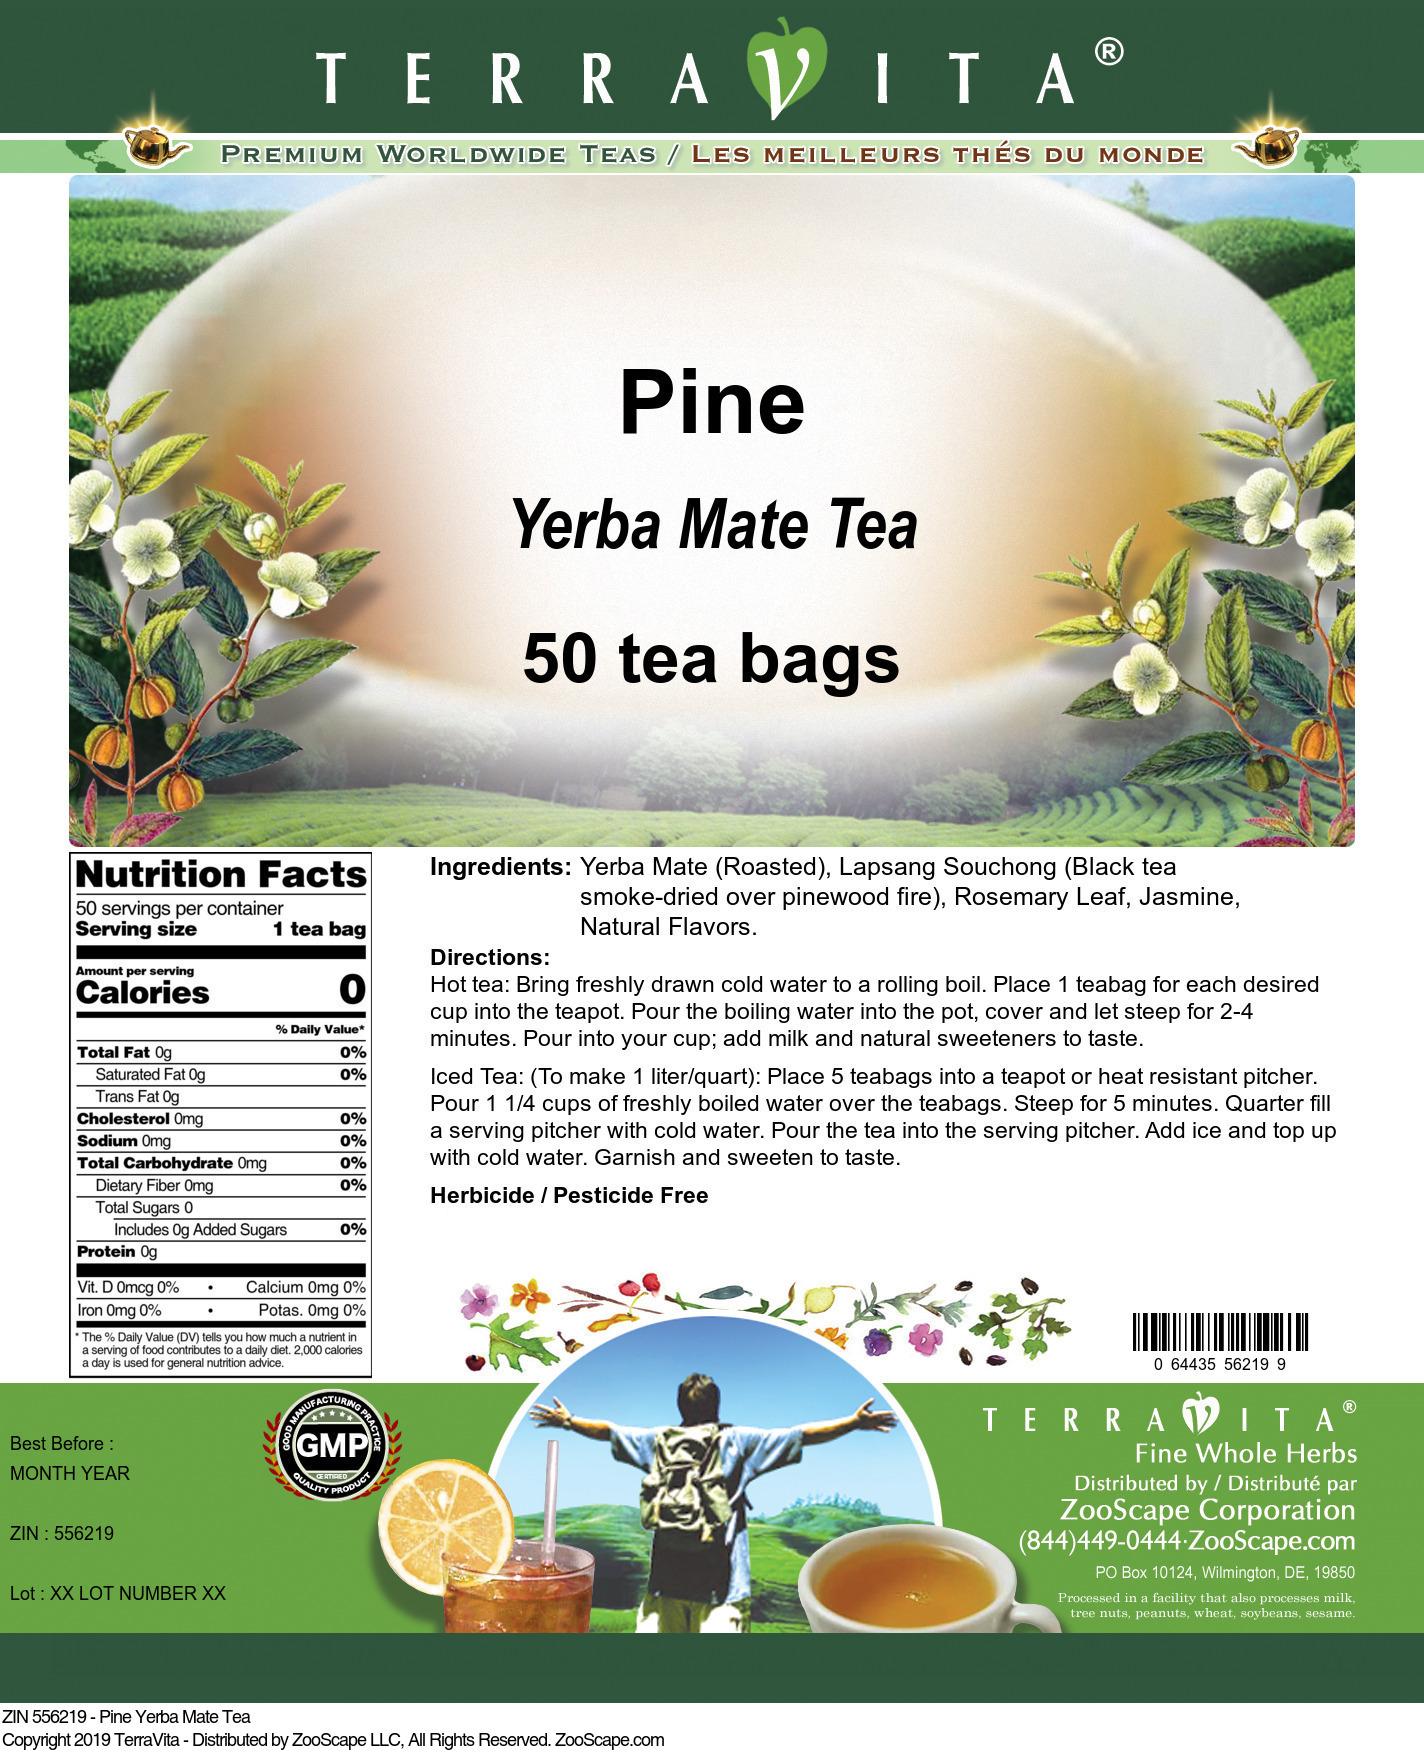 Pine Yerba Mate Tea